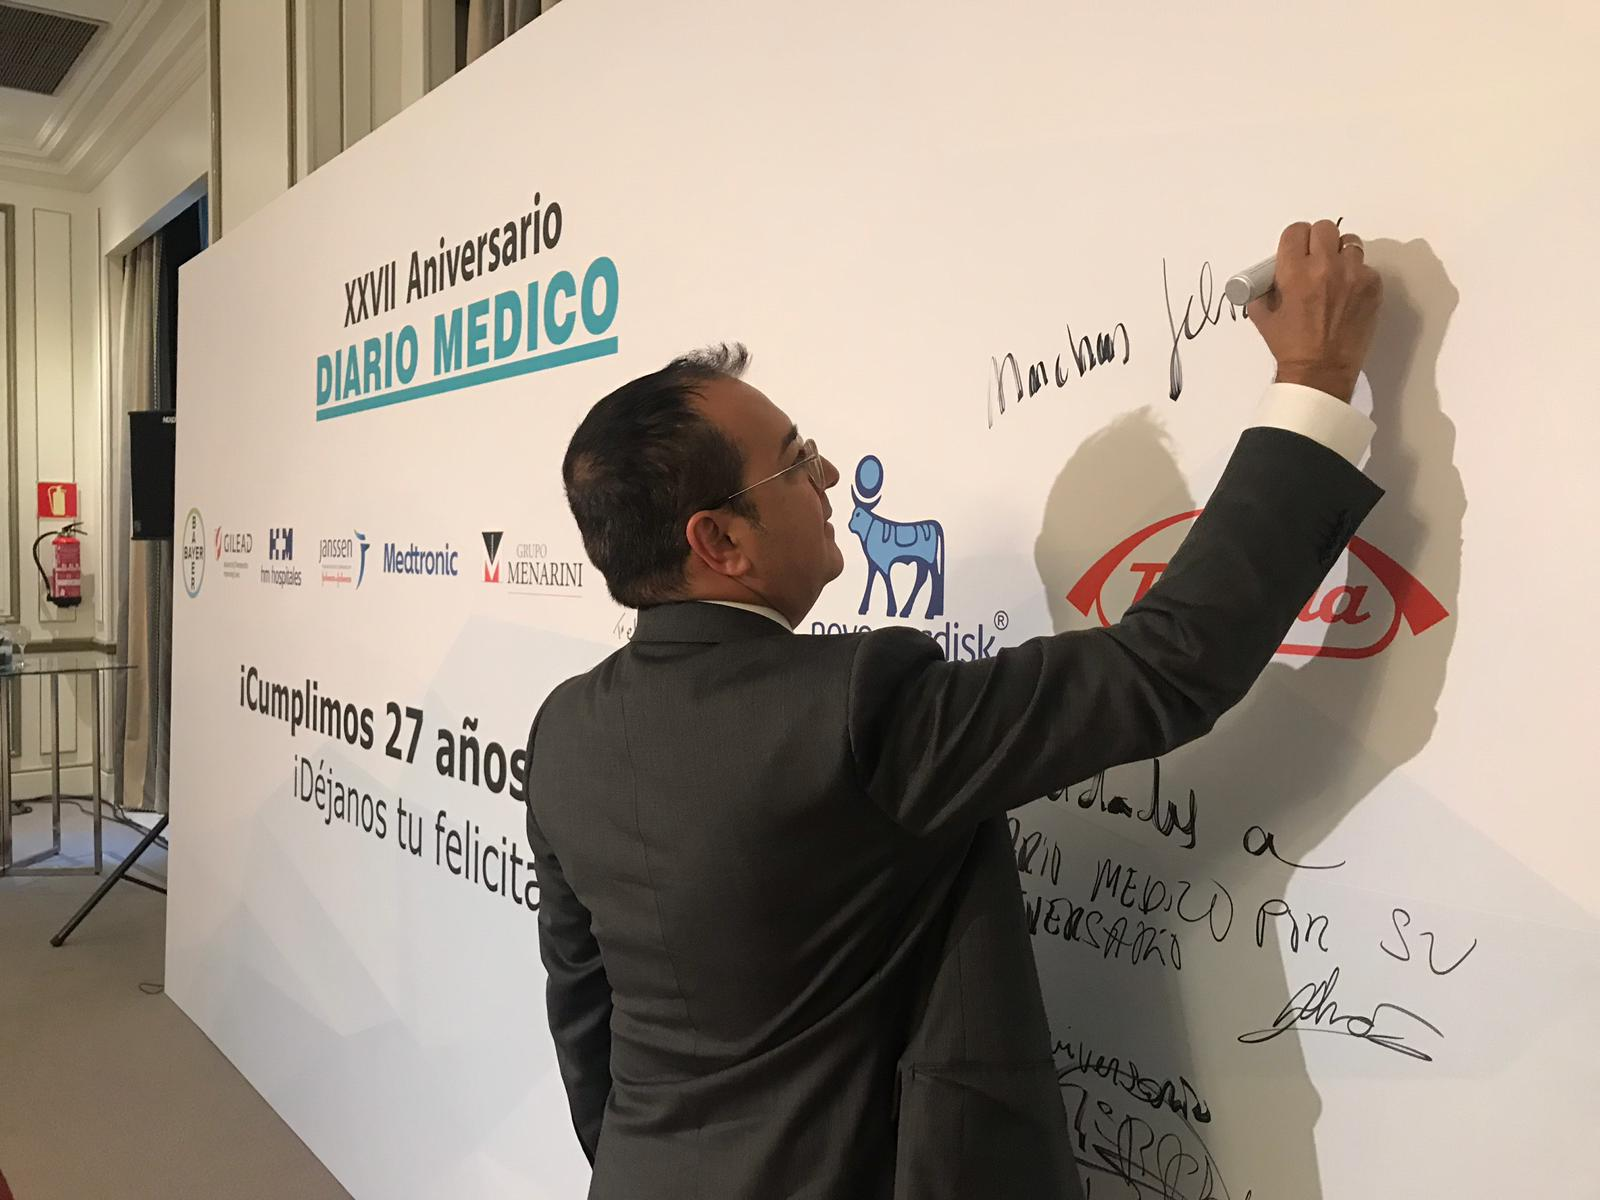 Carlos Fornes asiste al XXVII aniversario de Diario Médico